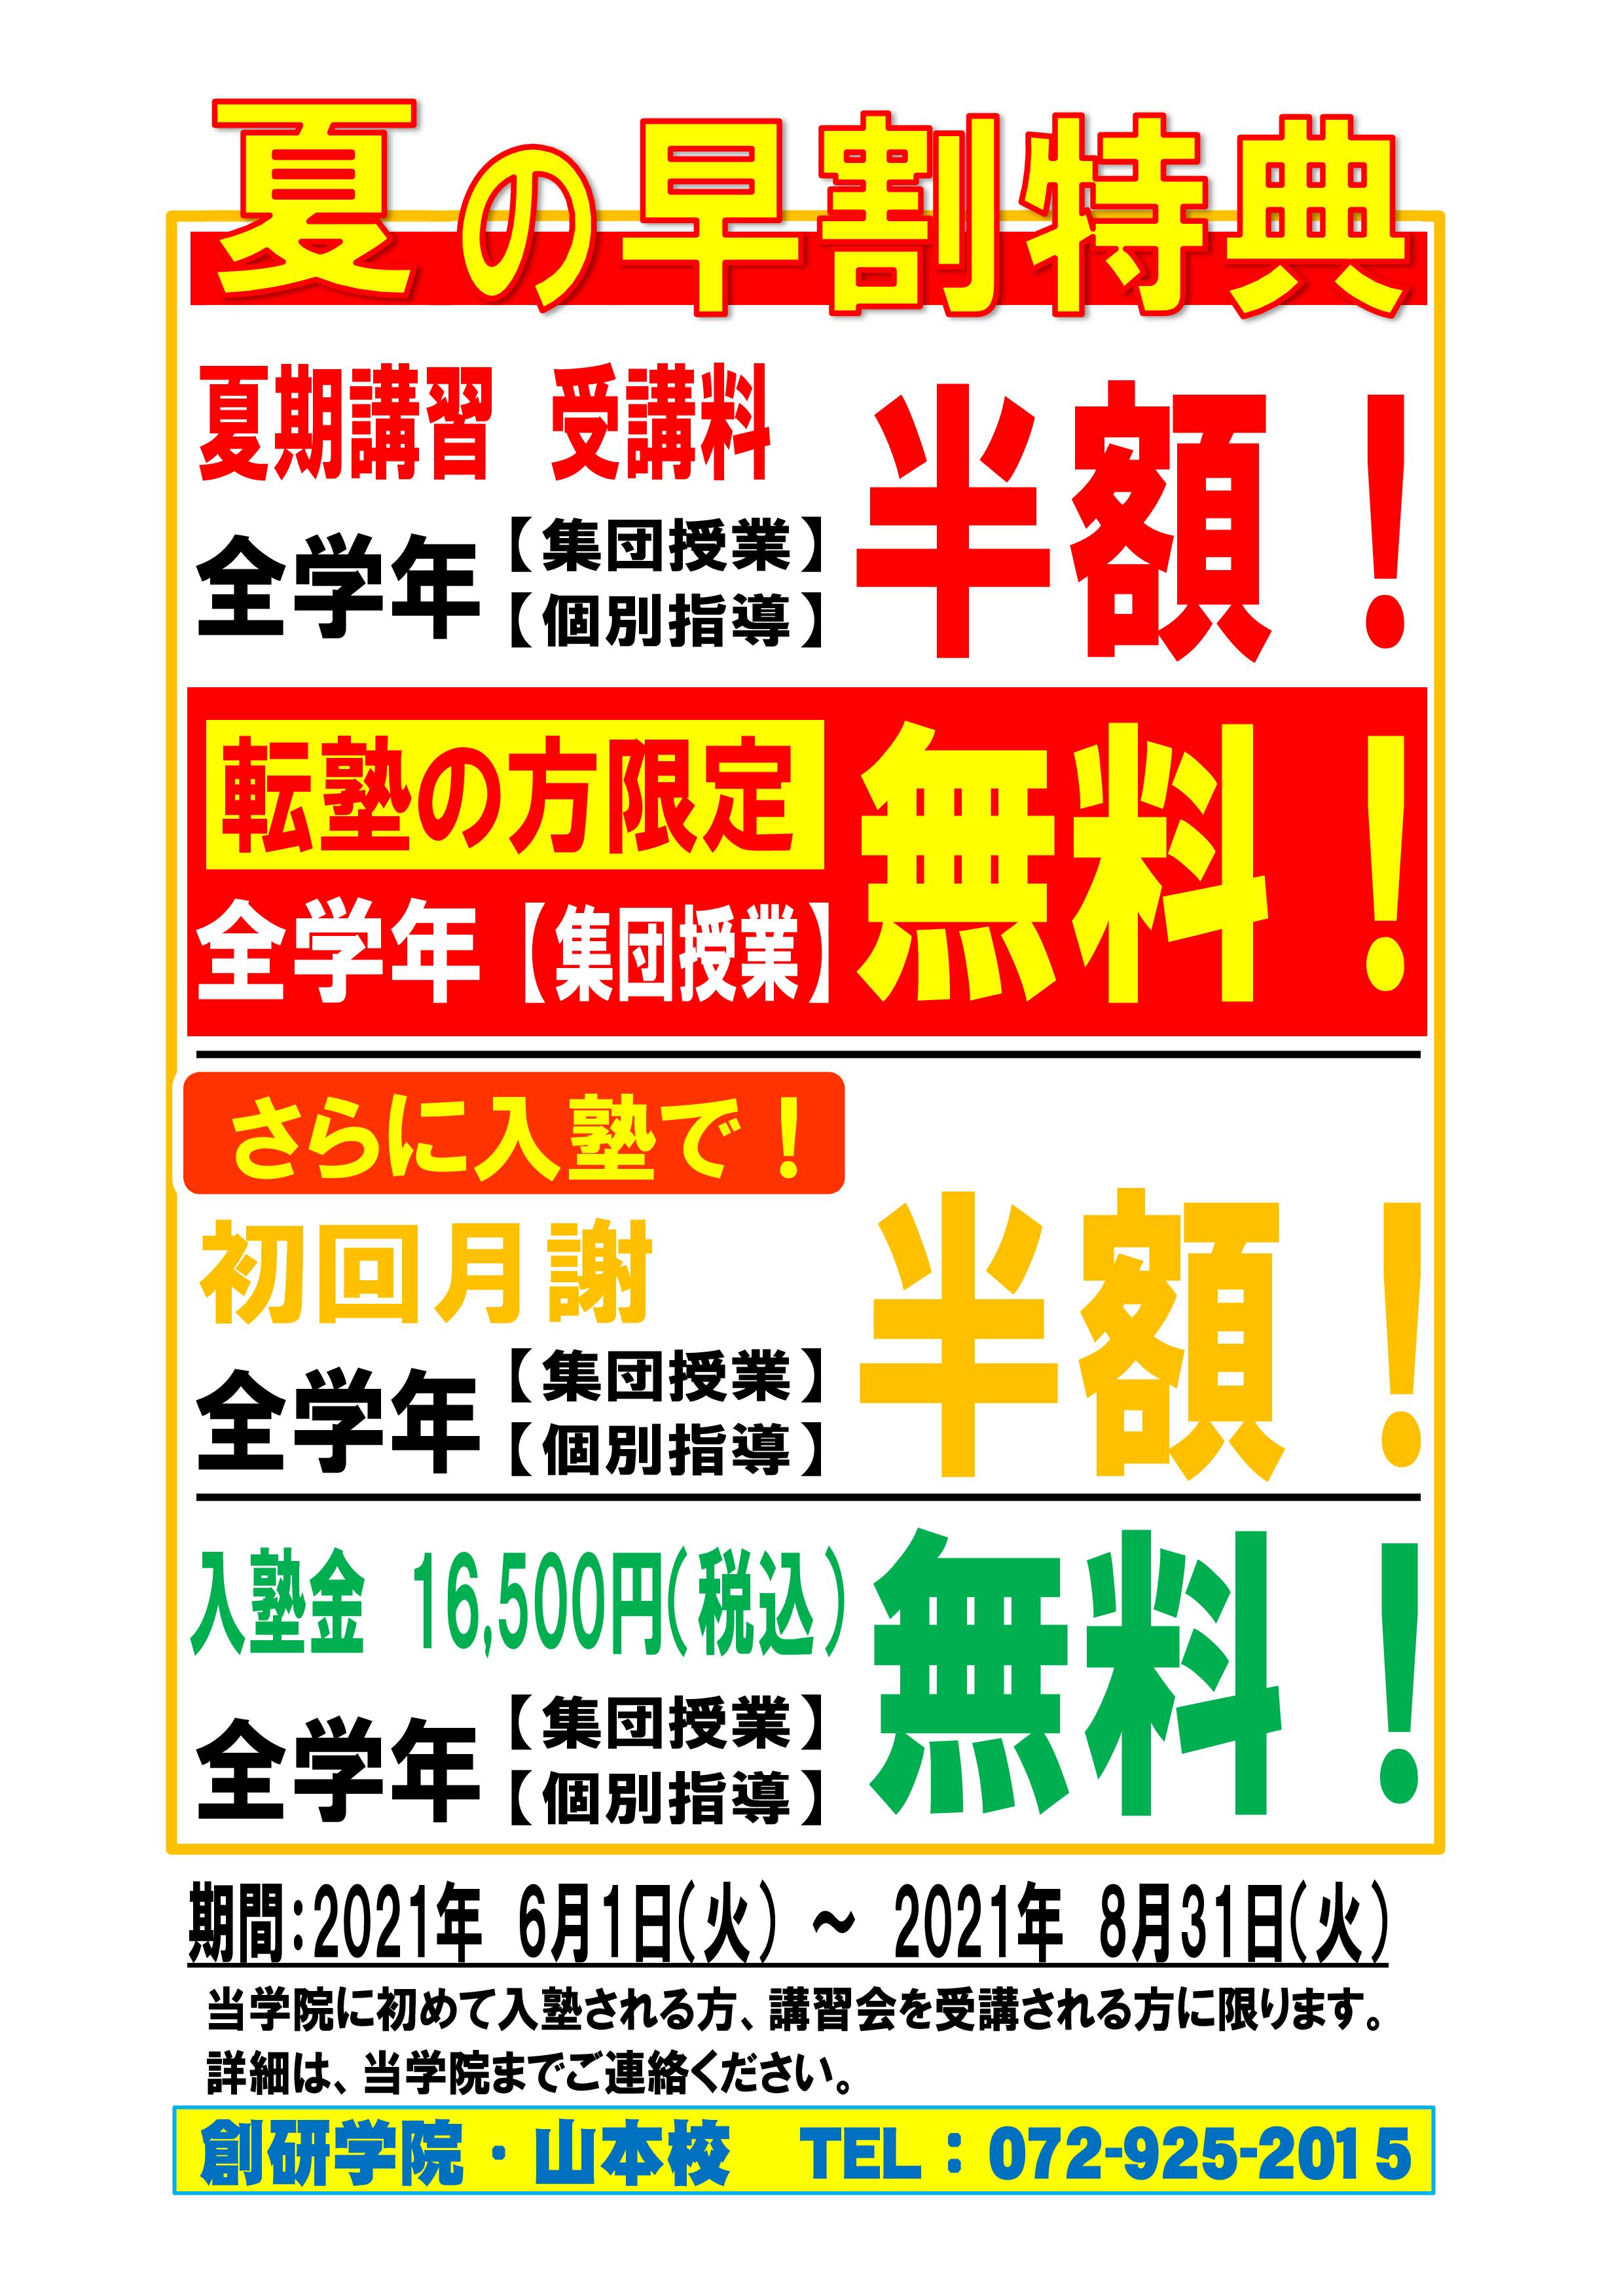 2021年 夏のキャンペーンお知らせ!